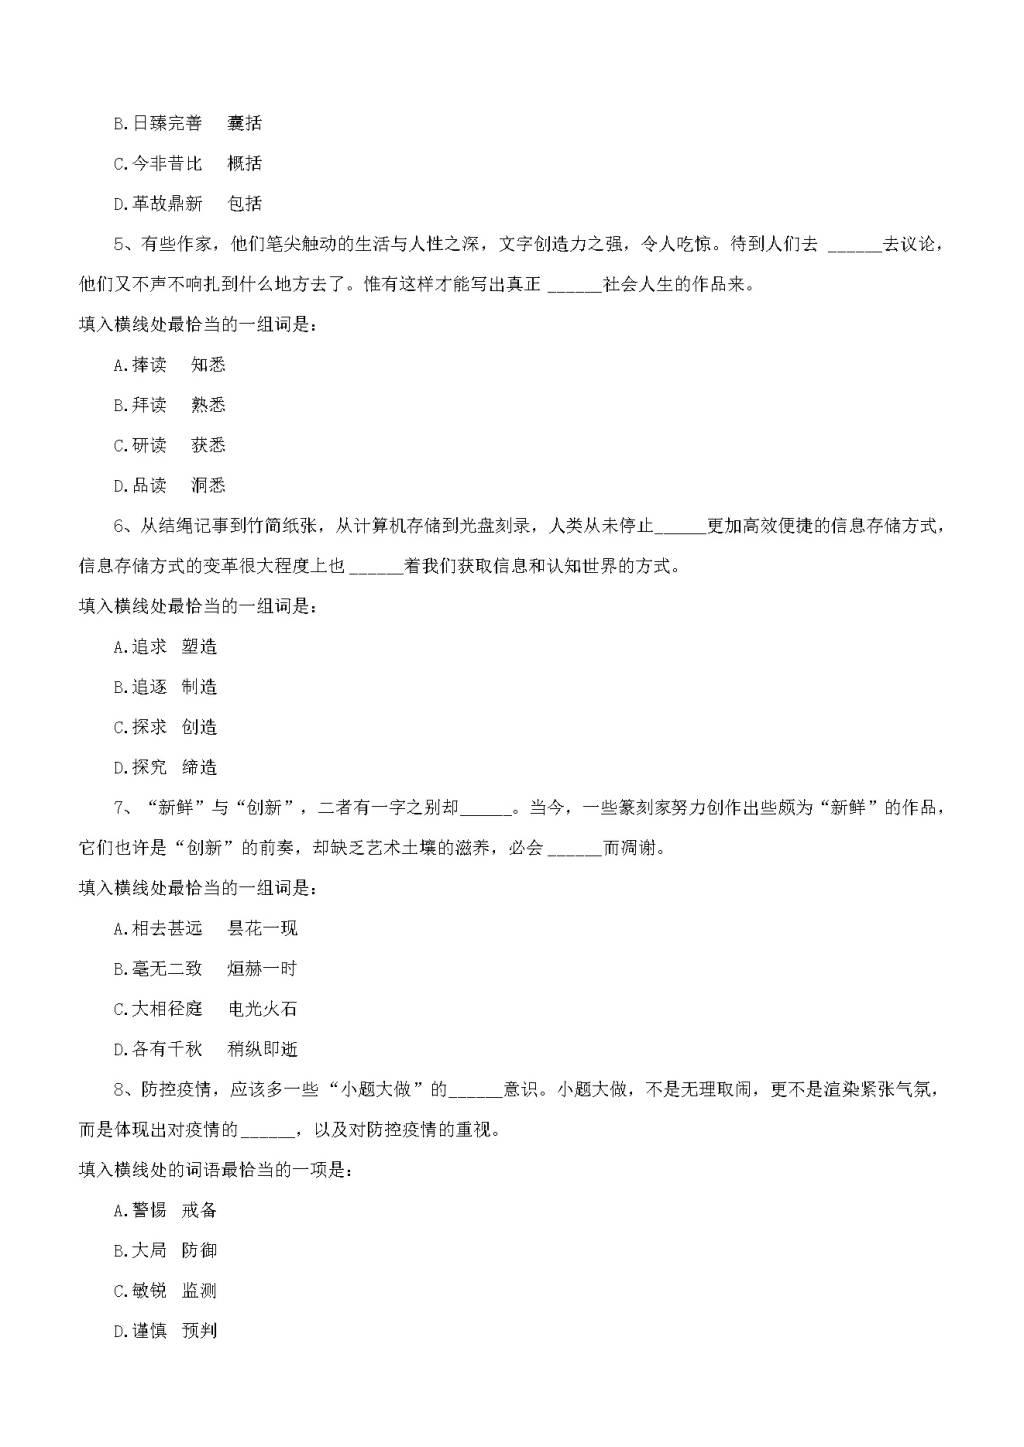 2020年河南公务员行测考试真题及答案(文件编号:21032109)